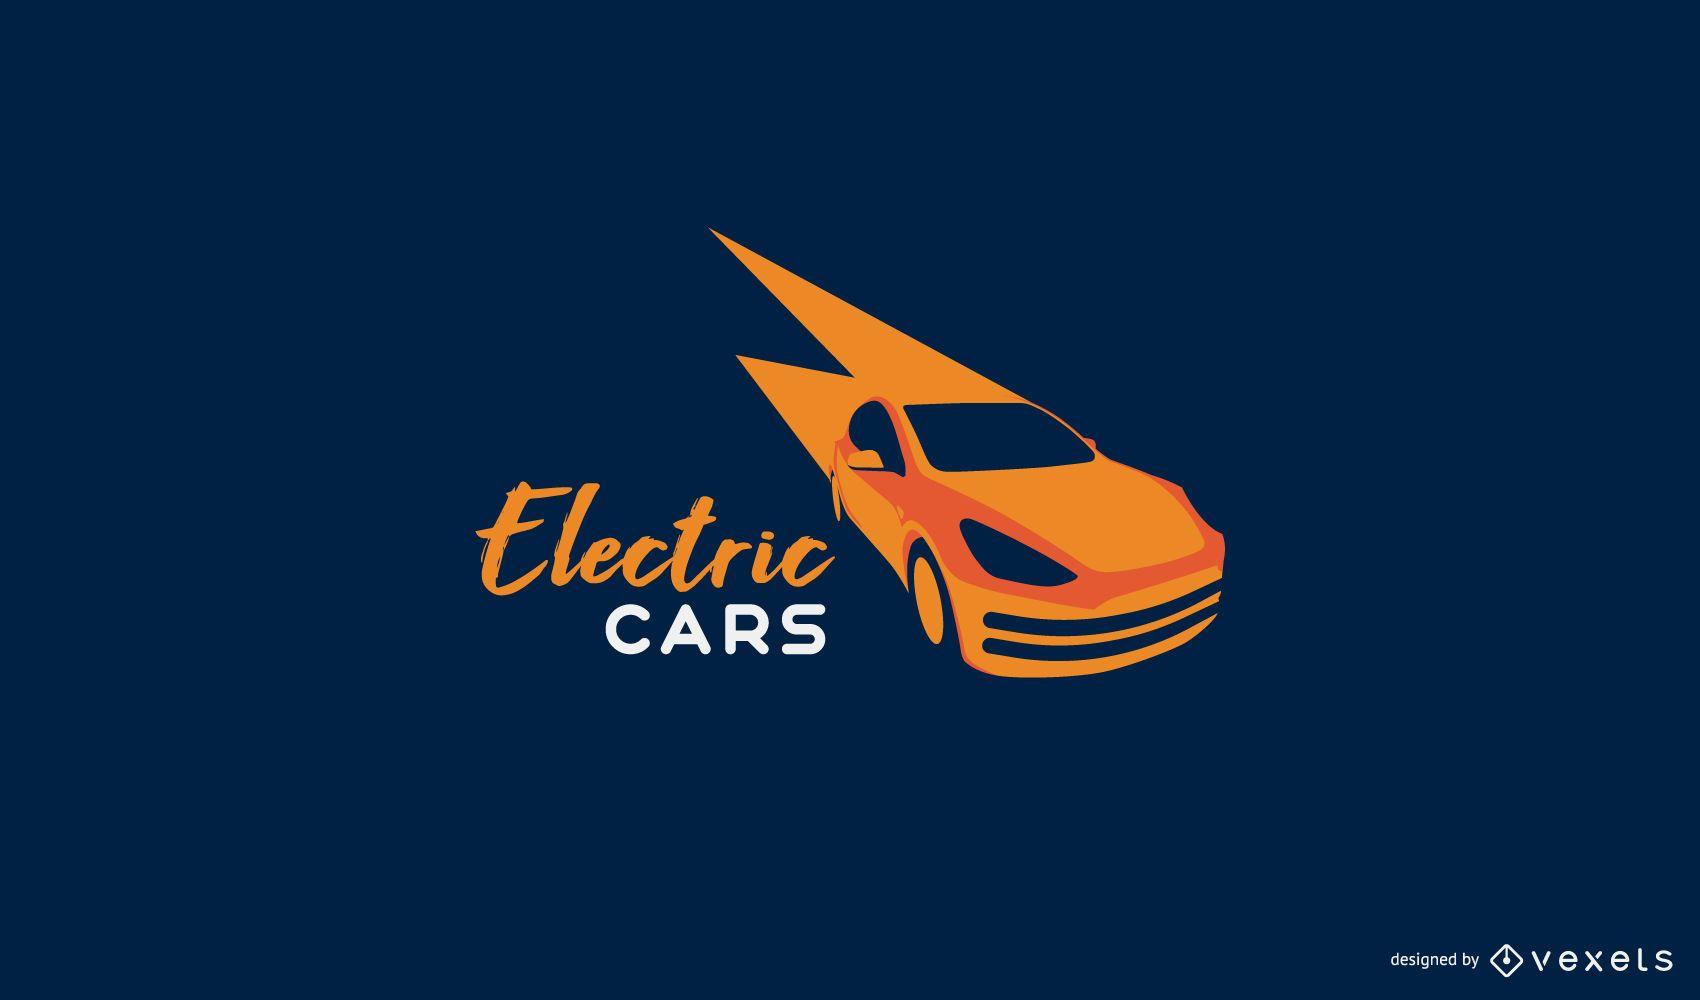 Plantilla de logotipo de coche el?ctrico